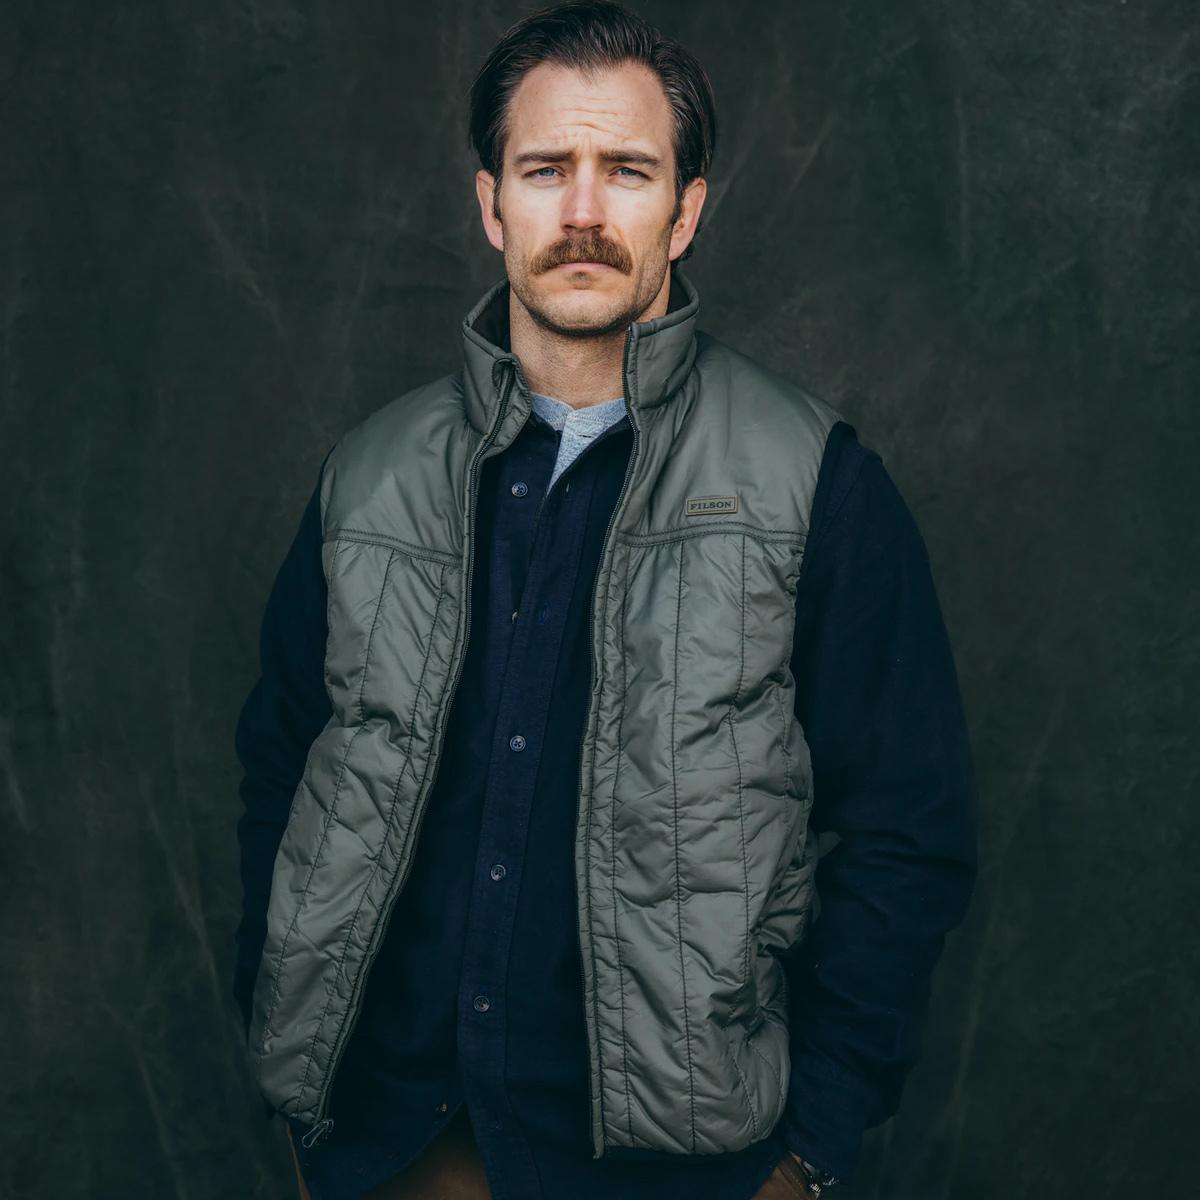 Filson Ultralight Vest Olive Gray, perfekt als Außenhülle oder unter einer dicken Jacke geeignet und sorgt für Wärme bei extremer Kälte